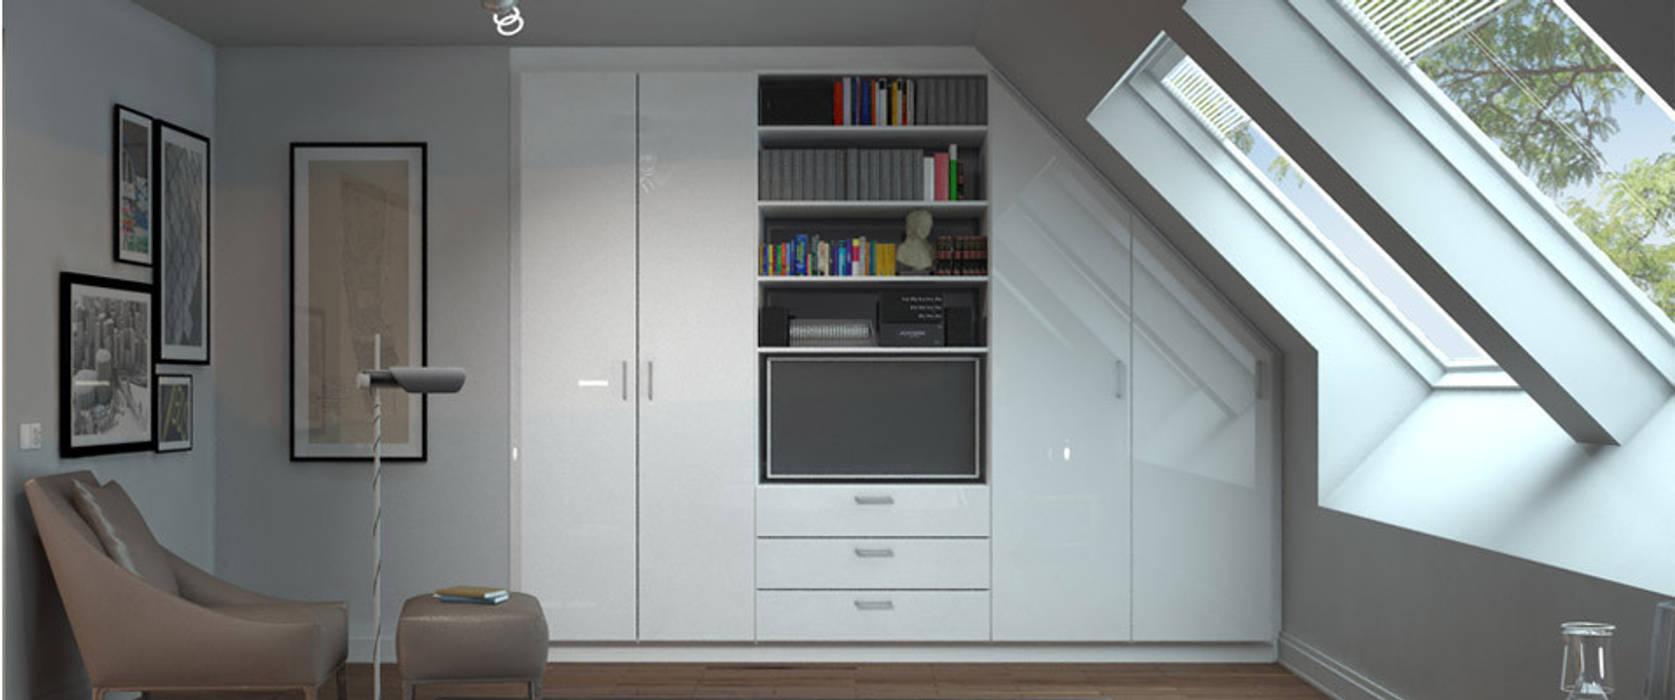 schrank mit seitlicher schr ge wohnzimmer von deinschrank. Black Bedroom Furniture Sets. Home Design Ideas